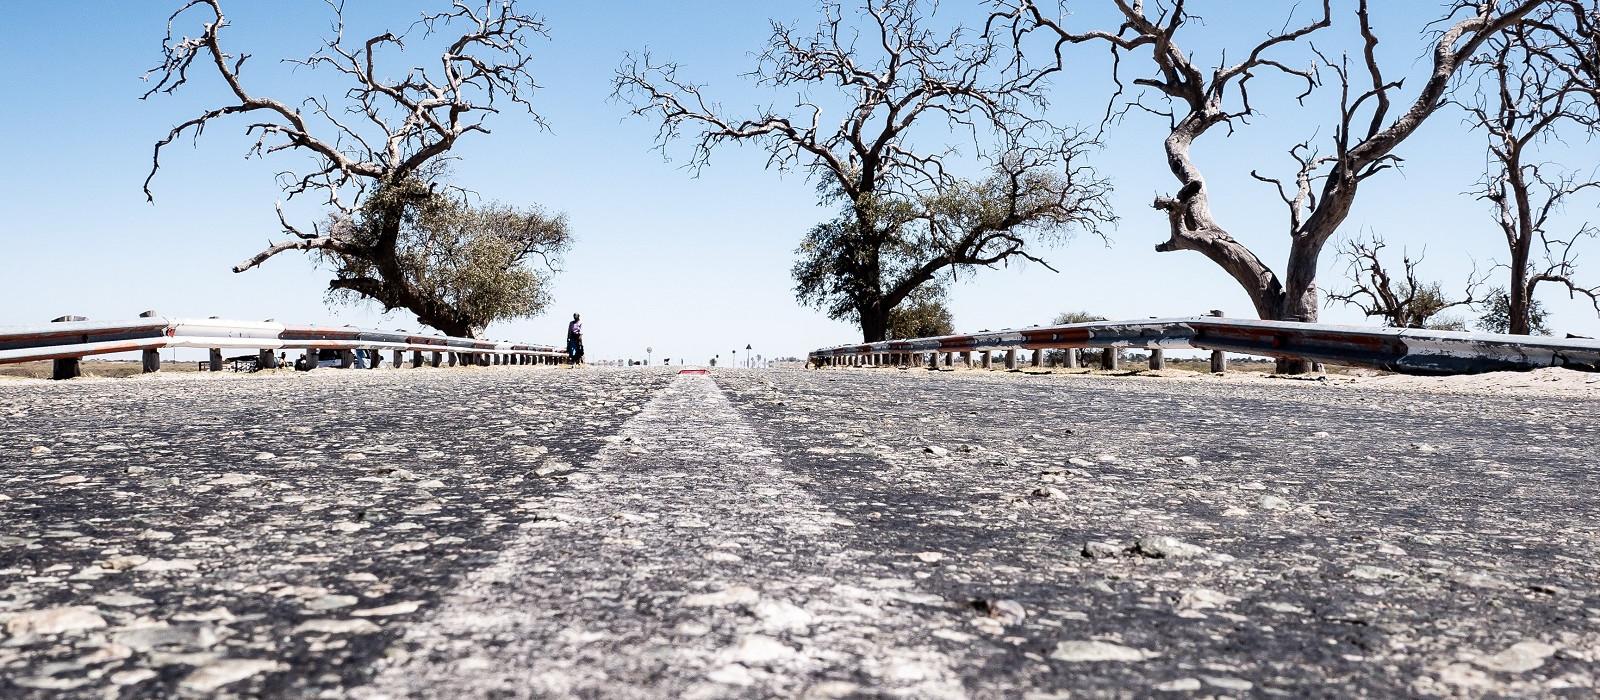 Botswana history